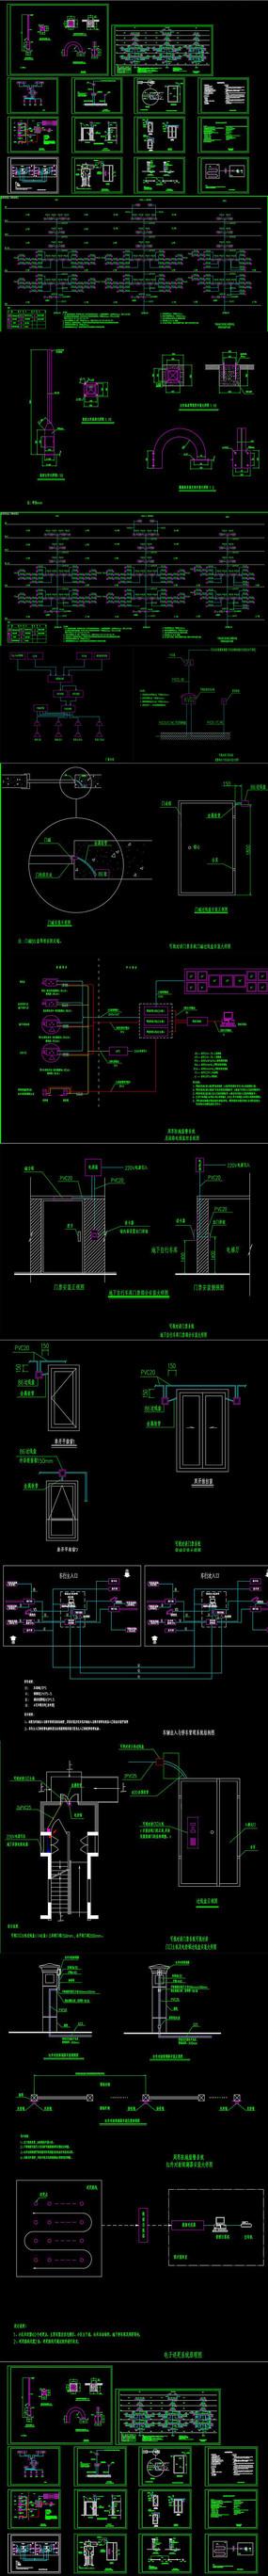 智能化住宅系统图CAD图纸